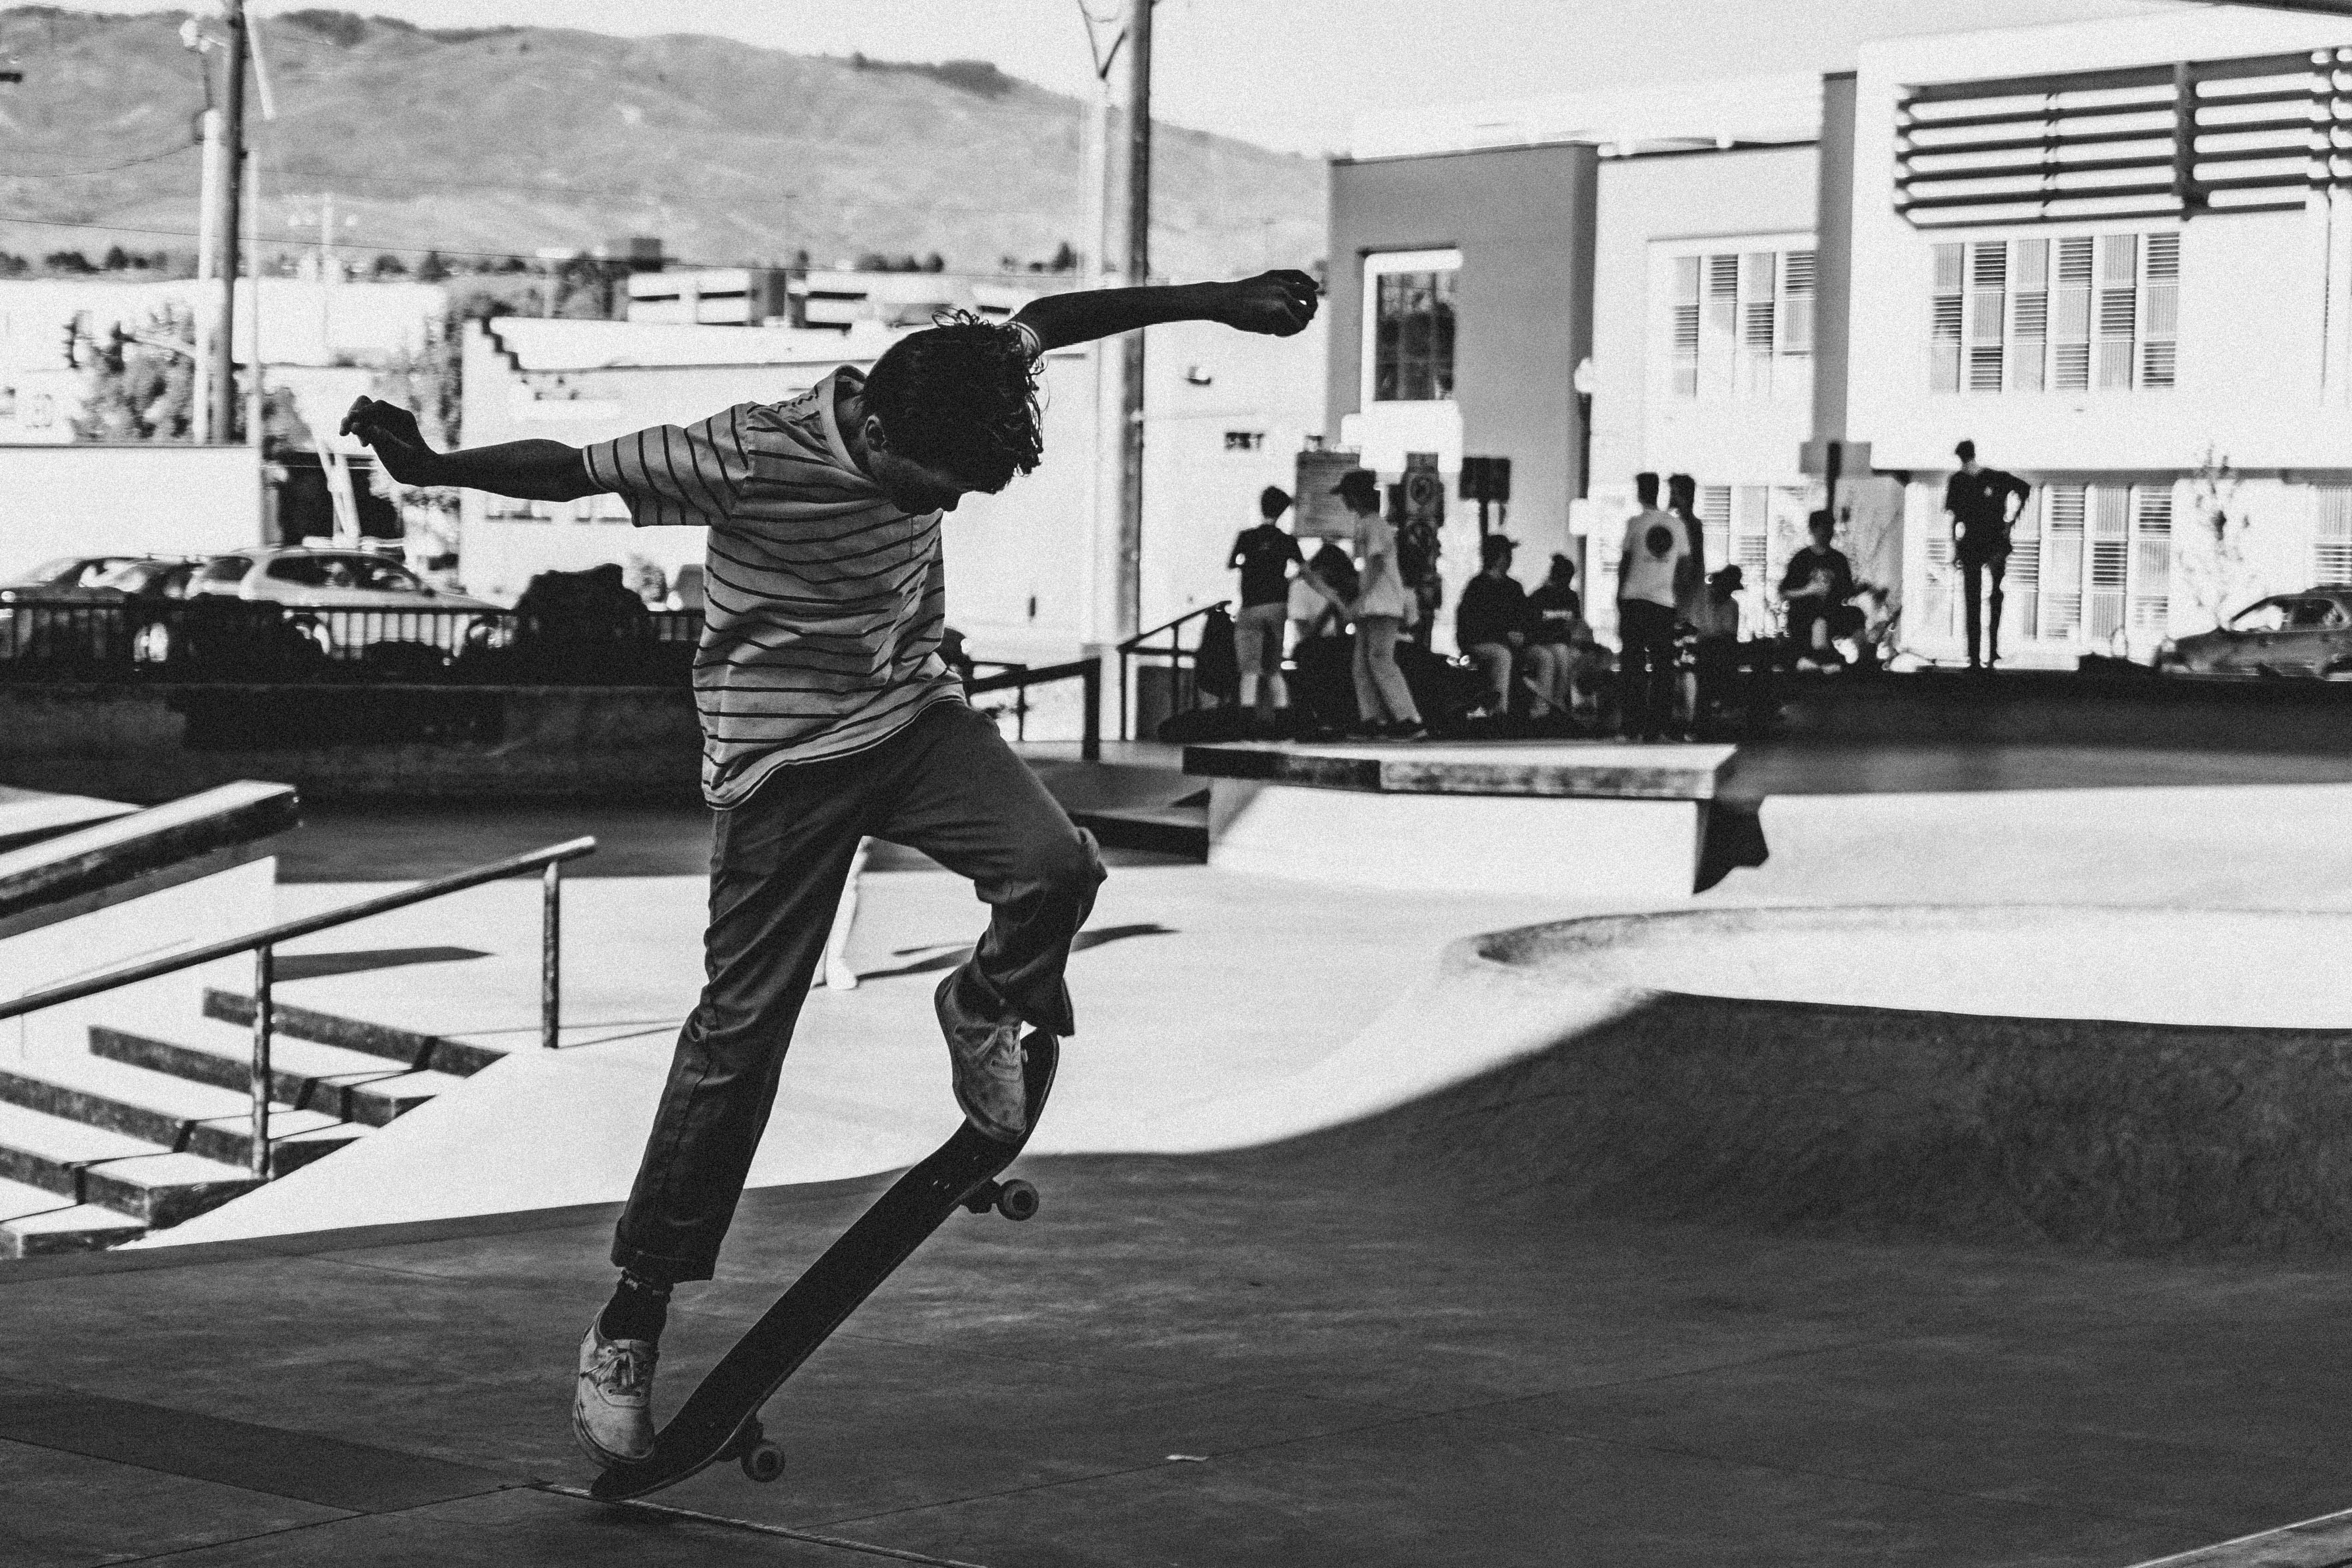 Δωρεάν στοκ φωτογραφιών με skateboard, skateboarder, skateboarding, άνδρας